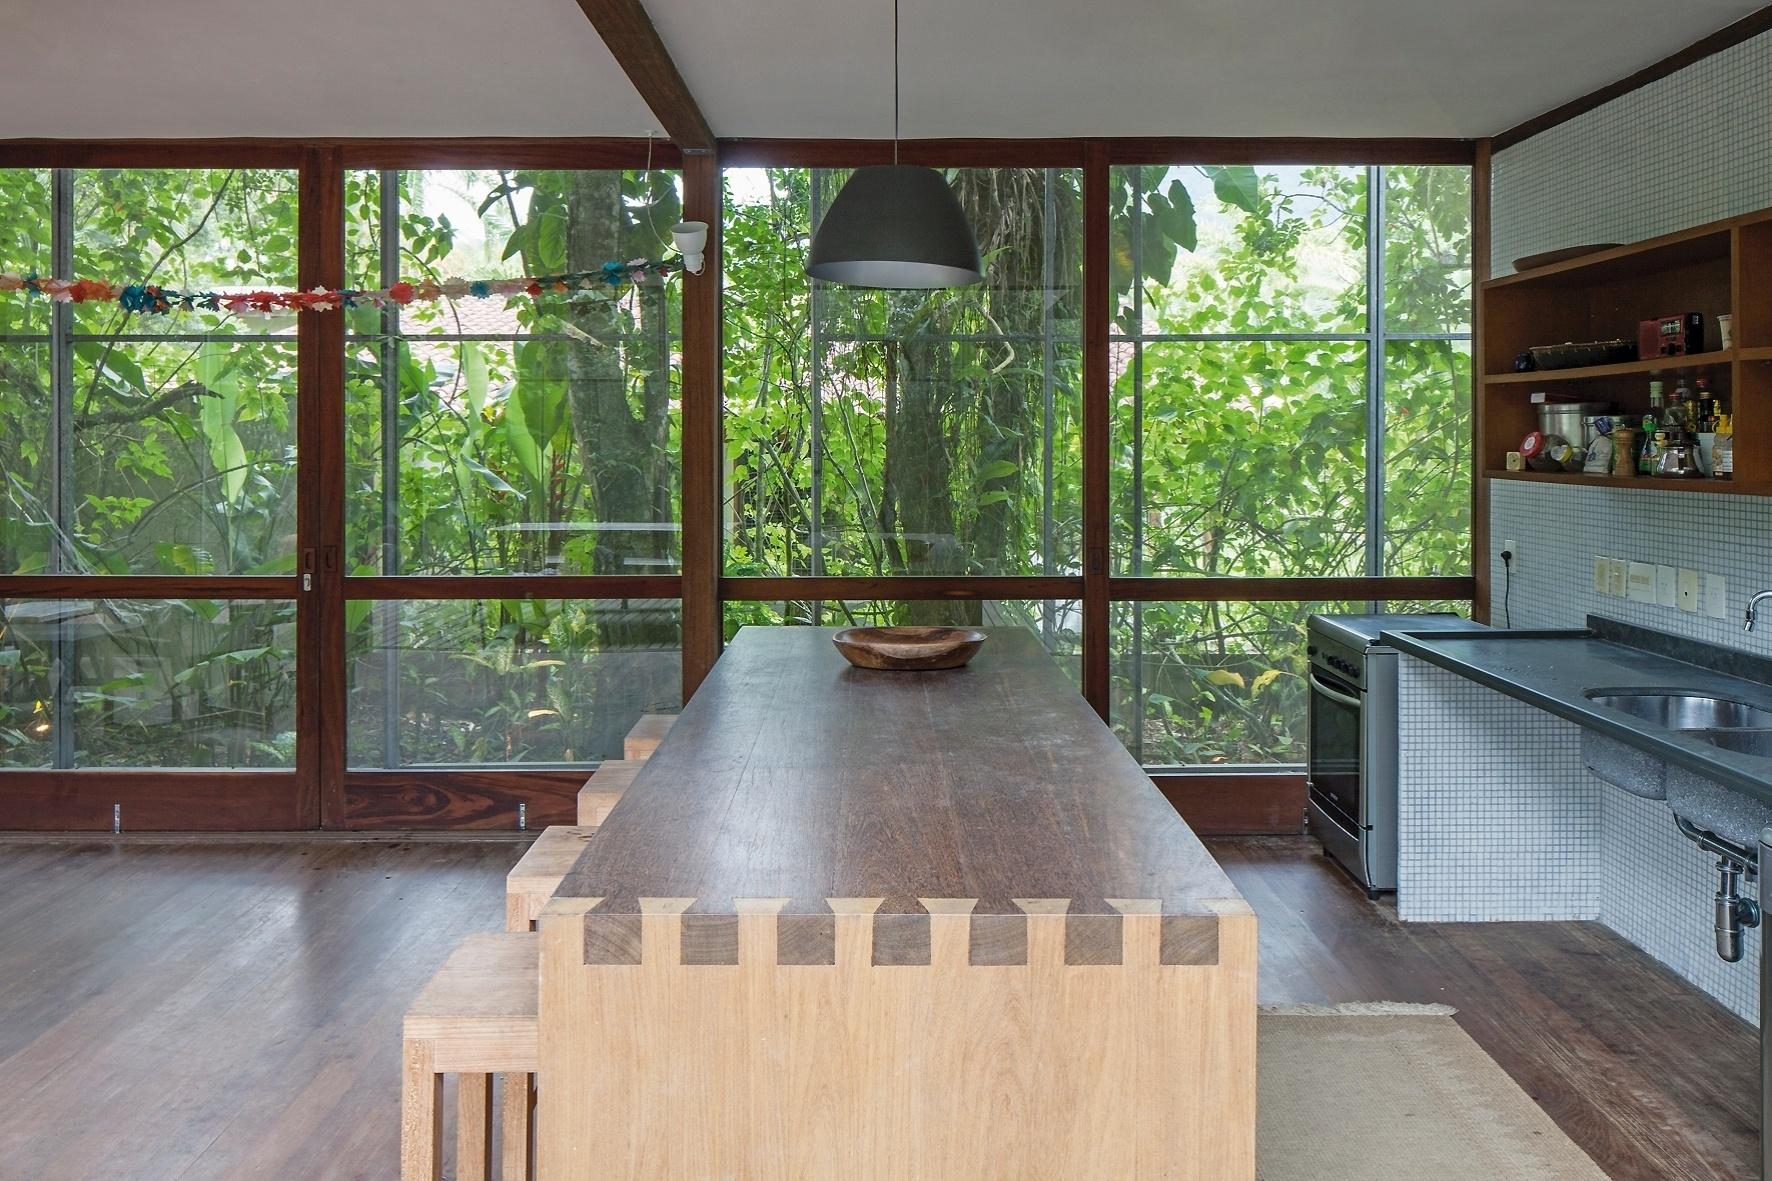 O espaço de jantar é totalmente integrado à cozinha e voltado para o exterior, onde impera a presença da Mata Atlântica. O mobiliário escolhido pelos proprietários expressa simplicidade, de acordo com a proposta descontraída da Casa RR, projetada pelo escritório Andrade Morettin